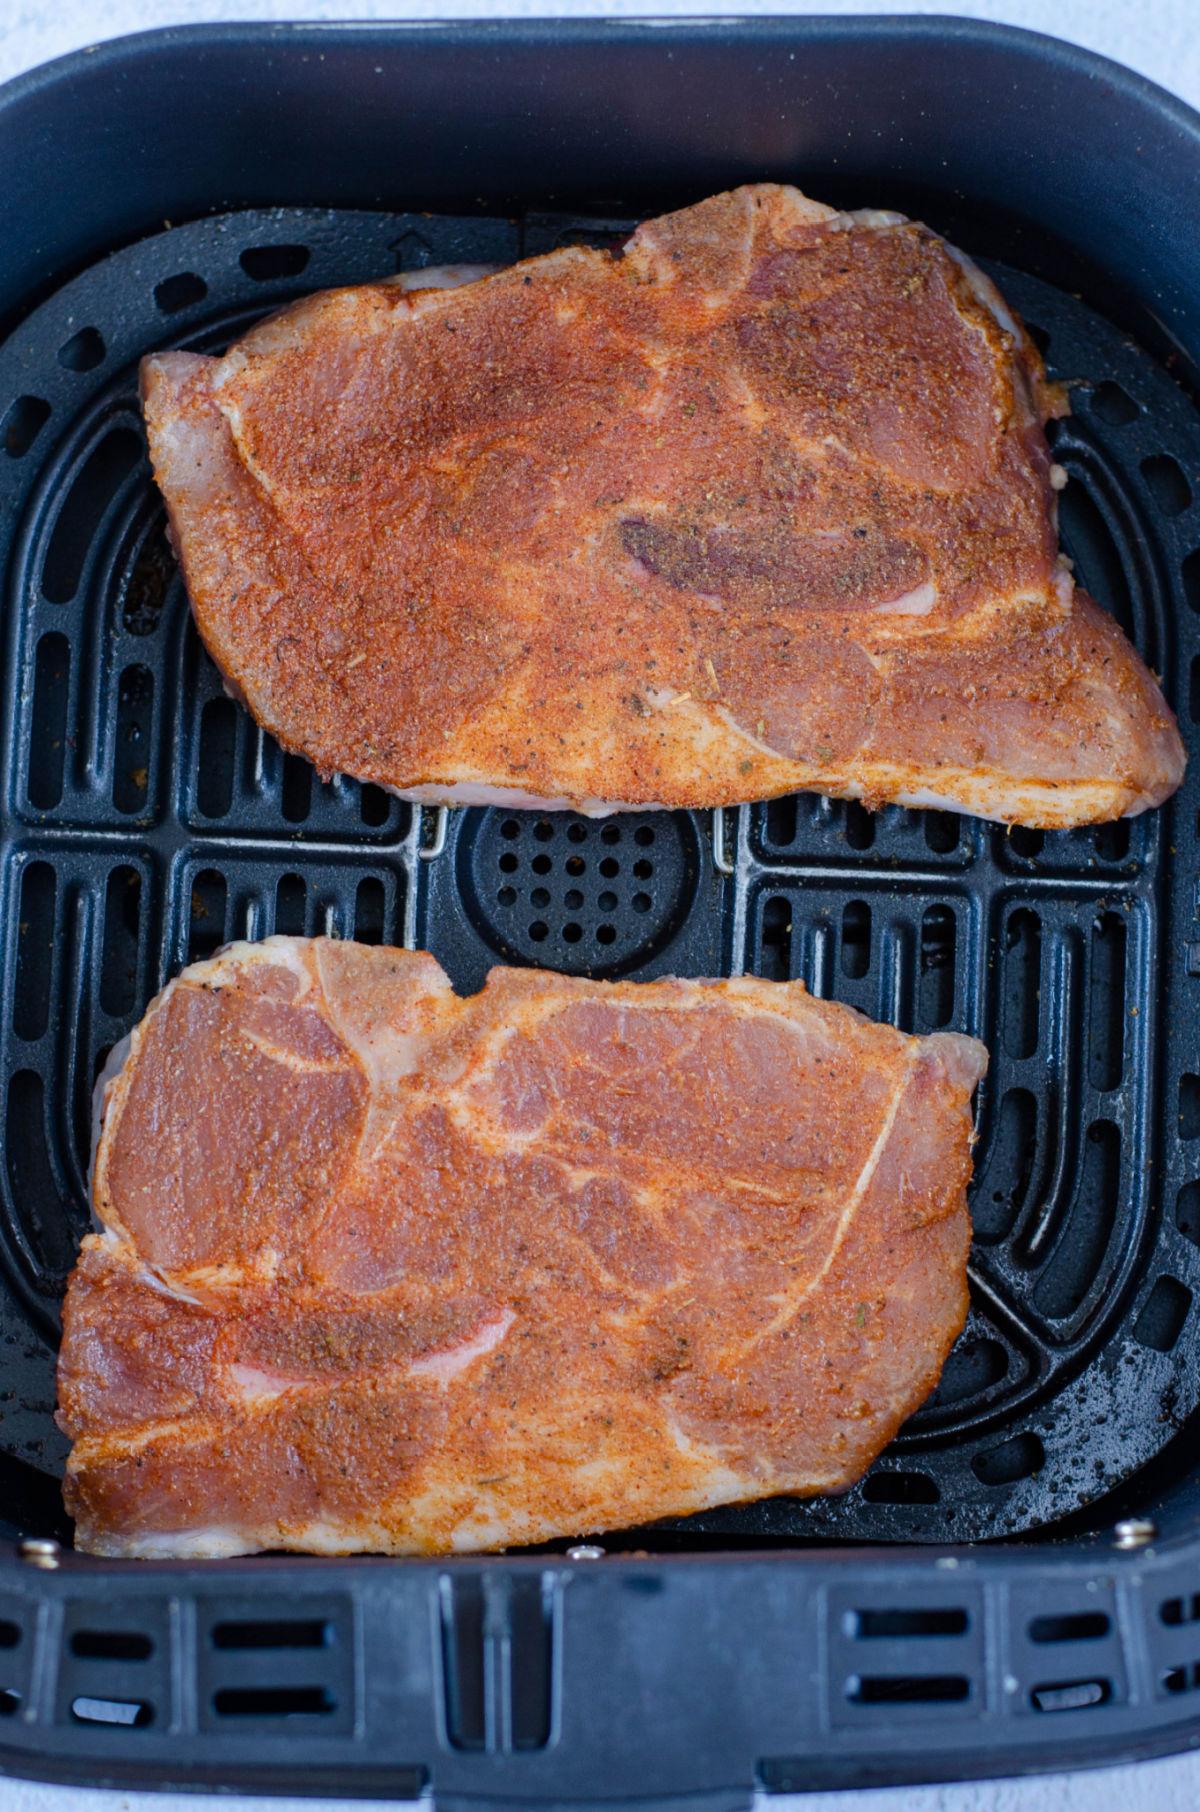 seasoned uncooked pork chops in an air fryer